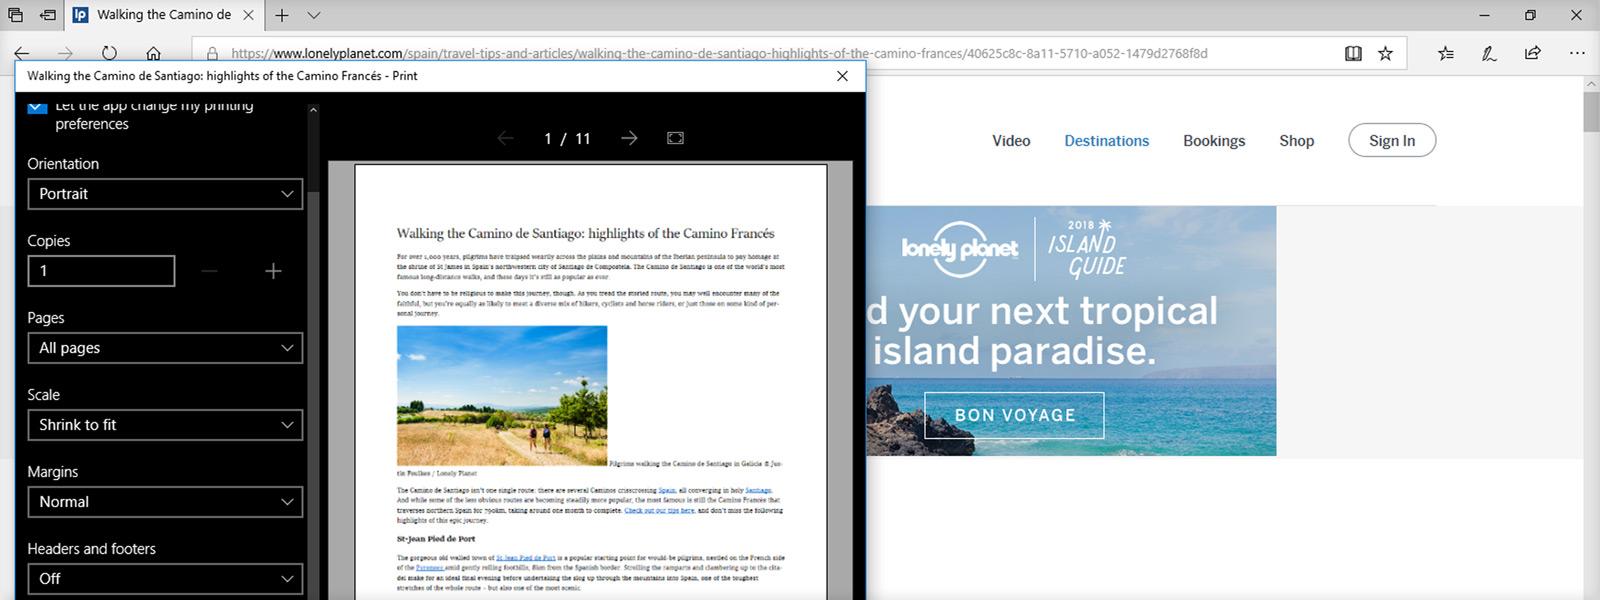 صورة شاشة معاينة طباعة في Edge لا تُظهر إعلانات في صفحة ويب معينة